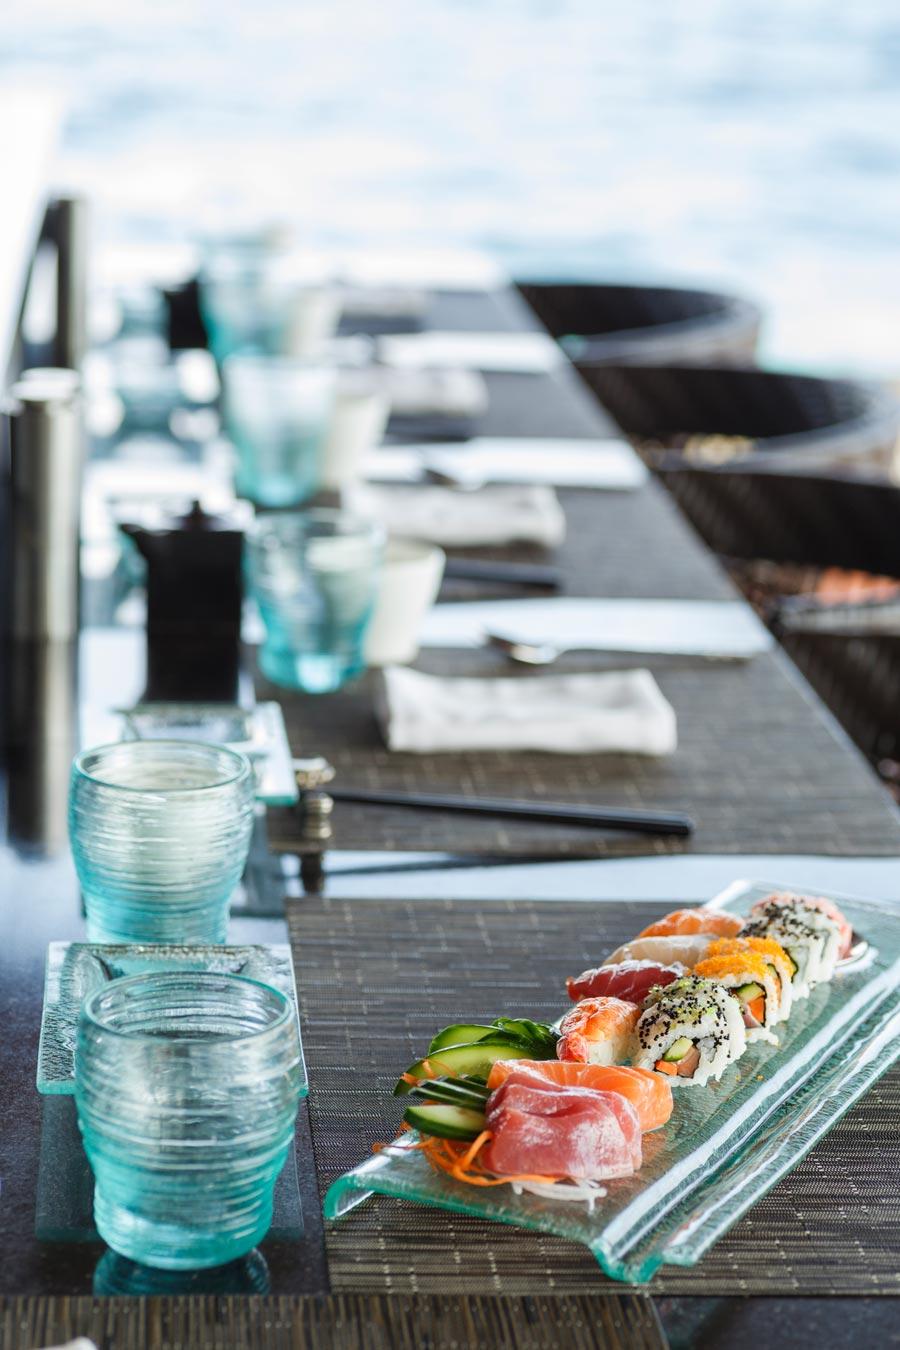 كورومبا المالديف -صورالمطعم الياباني -منتجع جزر المالديف